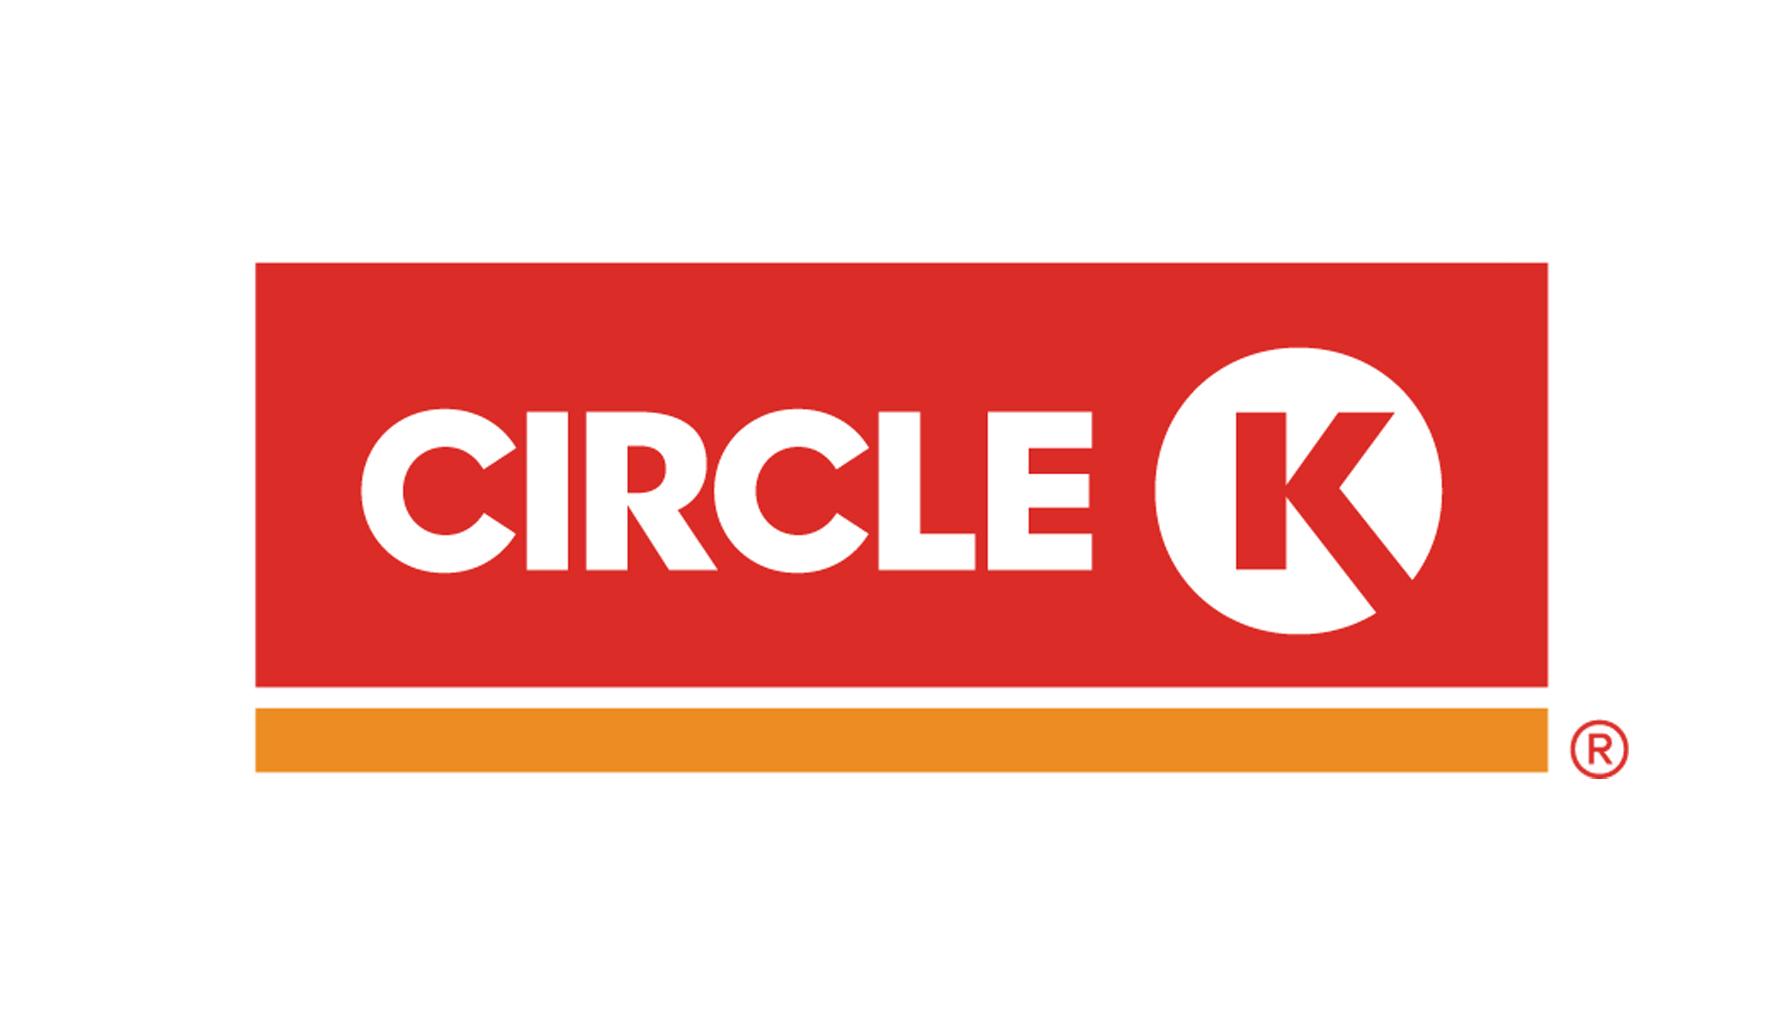 Kupon zniżkowy -10/15 groszy/l na paliwo w Circle K (dla klientów Generali i nie tylko :)